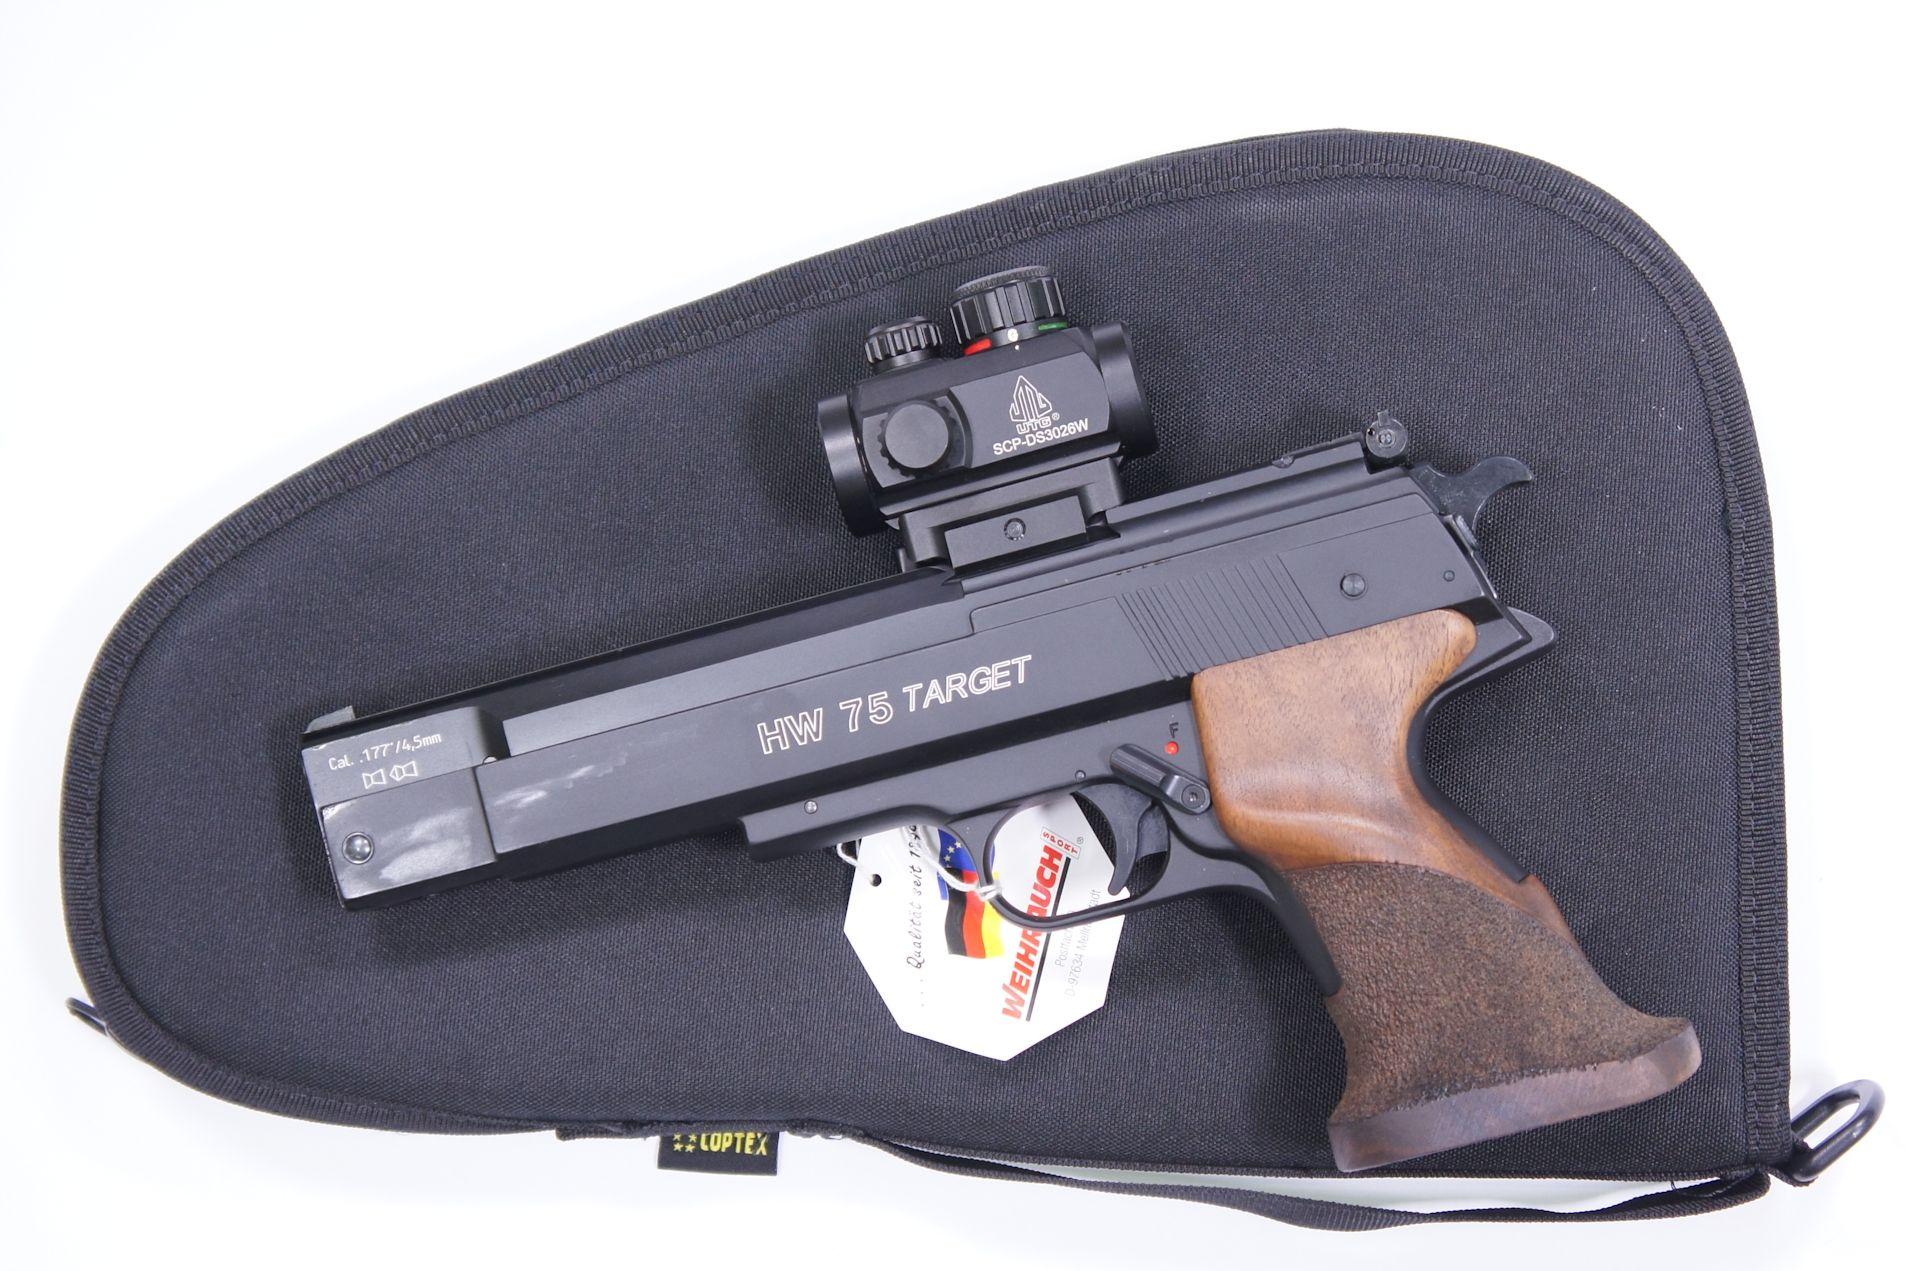 So ein <a href=1310088.htm>gepolstertes Pistolenfutteral</a> gehört zum Lieferumfang und ist eine kostenlose Zugabe